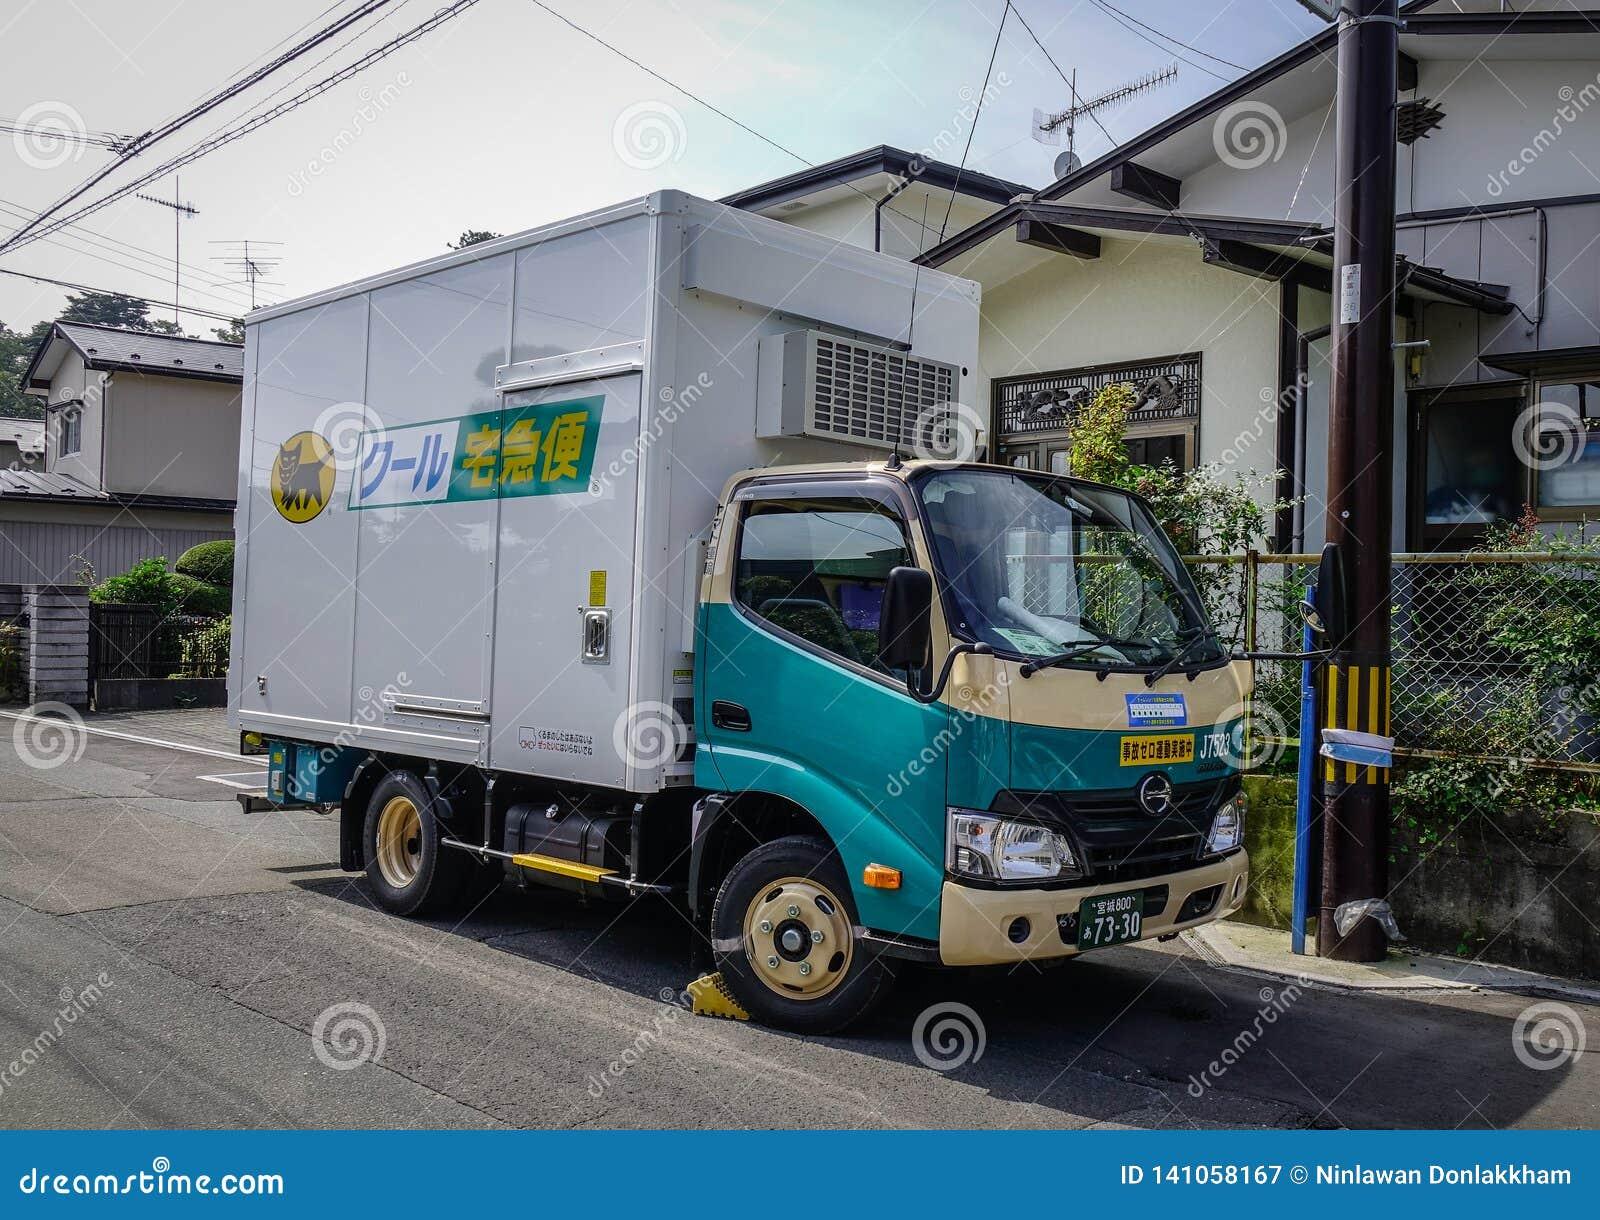 Μικρό φορτηγό της υπηρεσίας μεταφορών